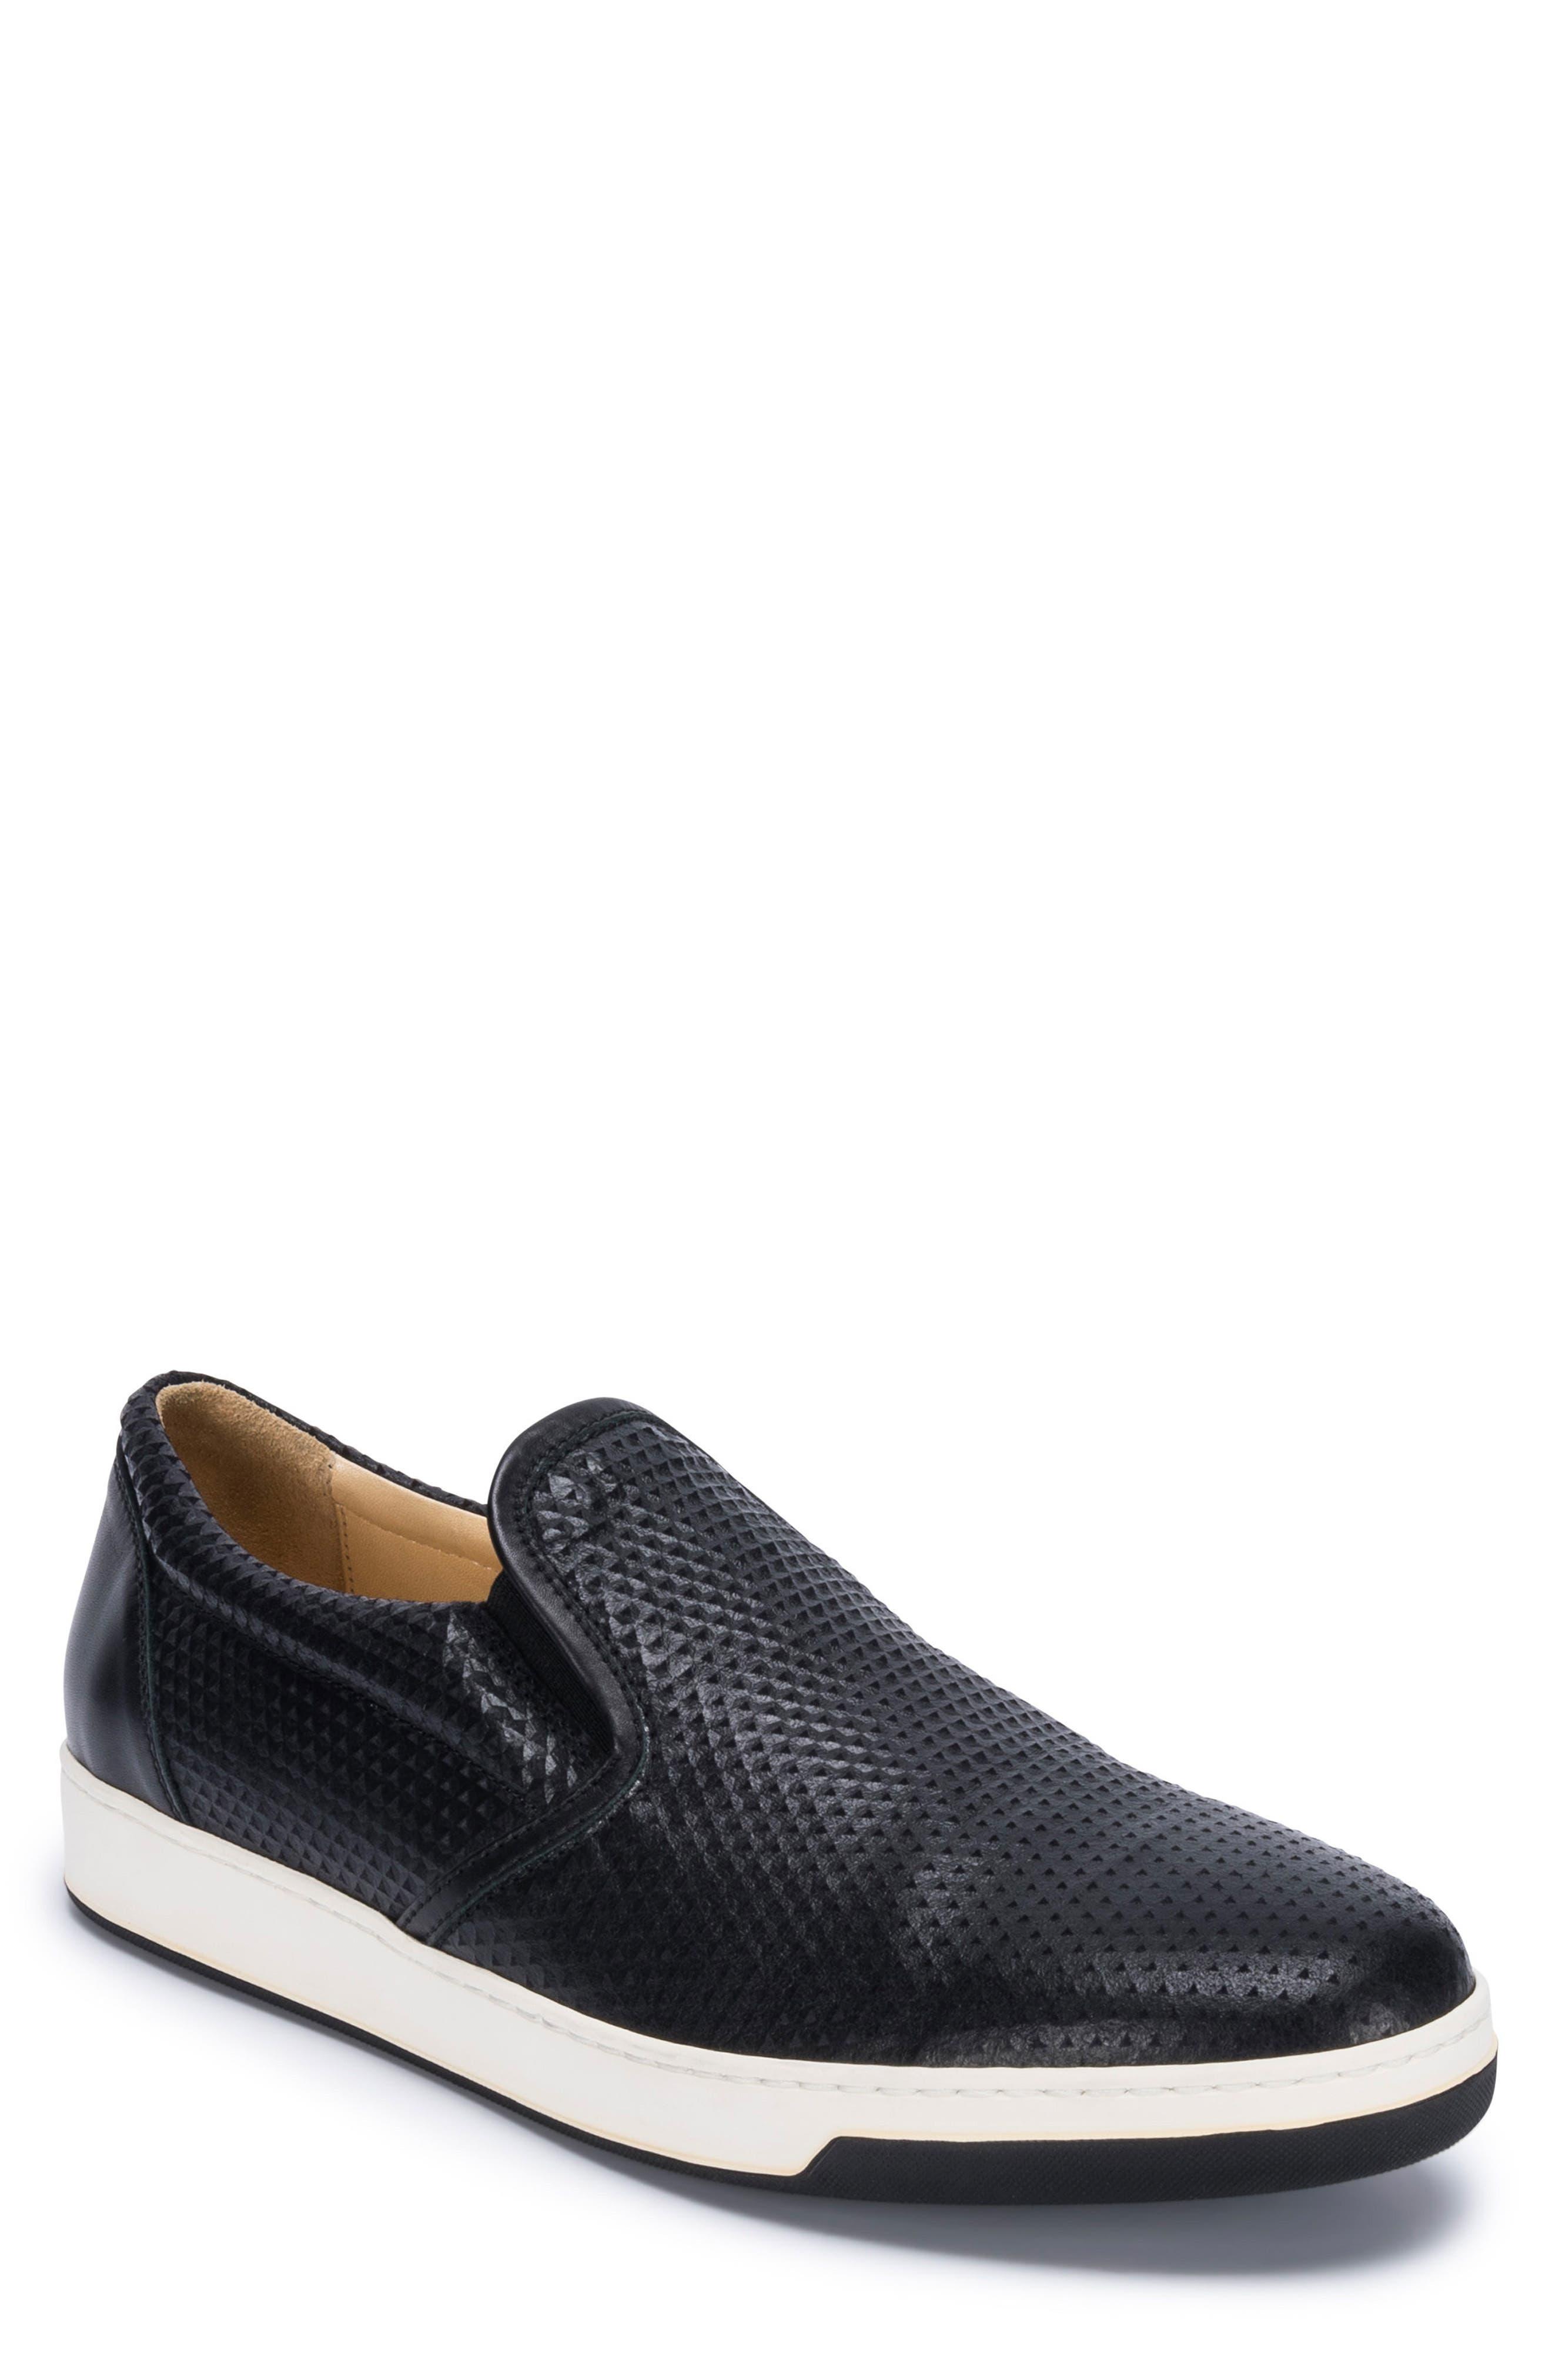 Potenza Slip-On,                         Main,                         color, Black